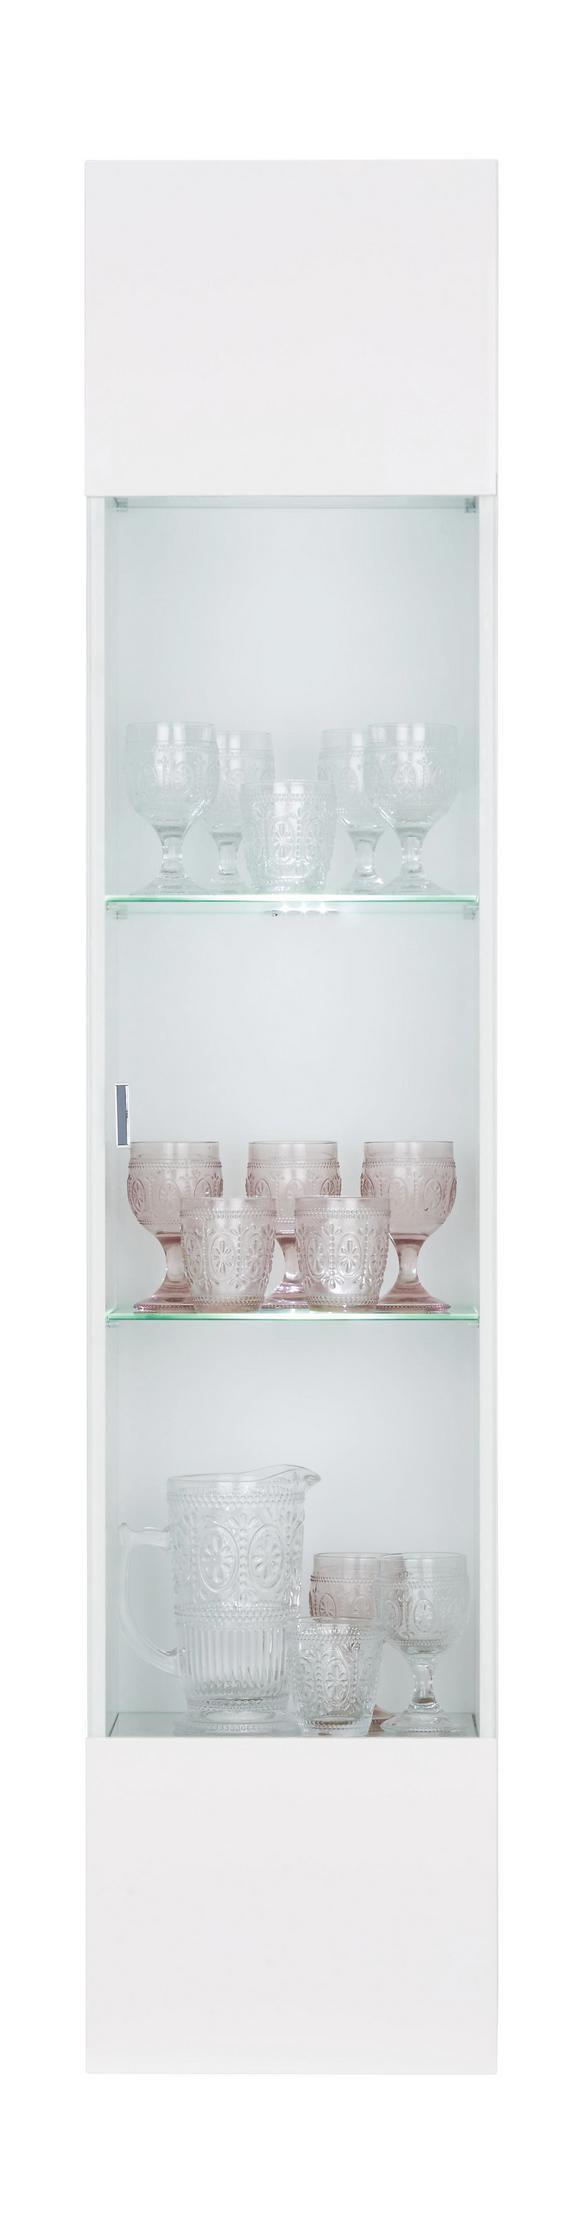 Hängevitrine Weiß Hochglanz - Chromfarben/Weiß, Holzwerkstoff/Kunststoff (35/160/30cm) - Mömax modern living